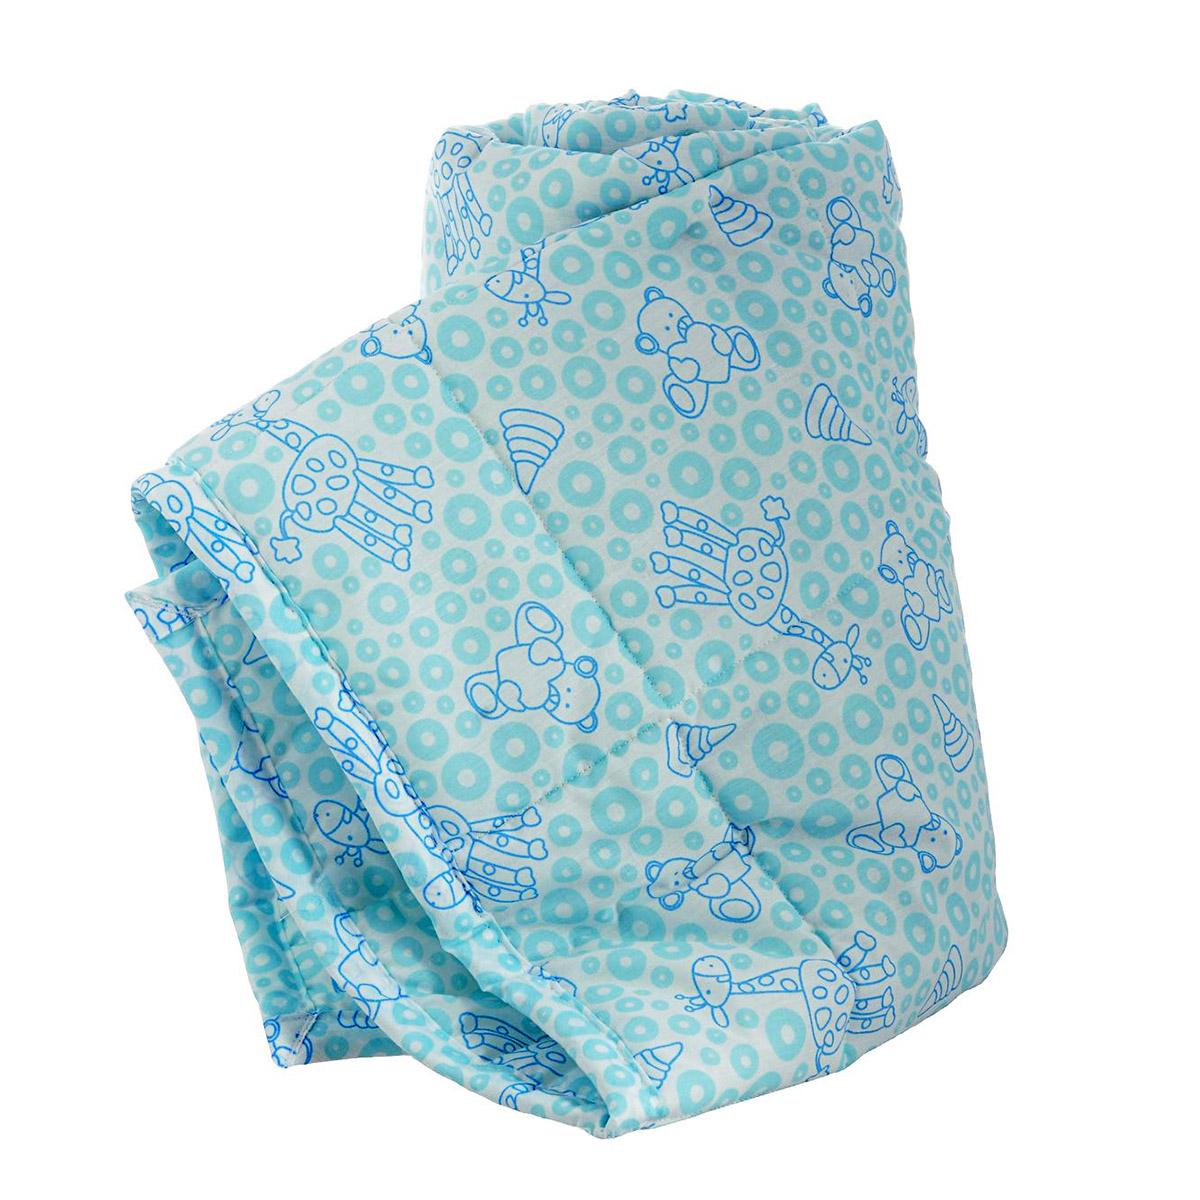 Одеяло Baby Nice стеганное файбер 300силиконизированный 105х140 Мишки и жирафы (бежевый, голубой) (Baby nice)